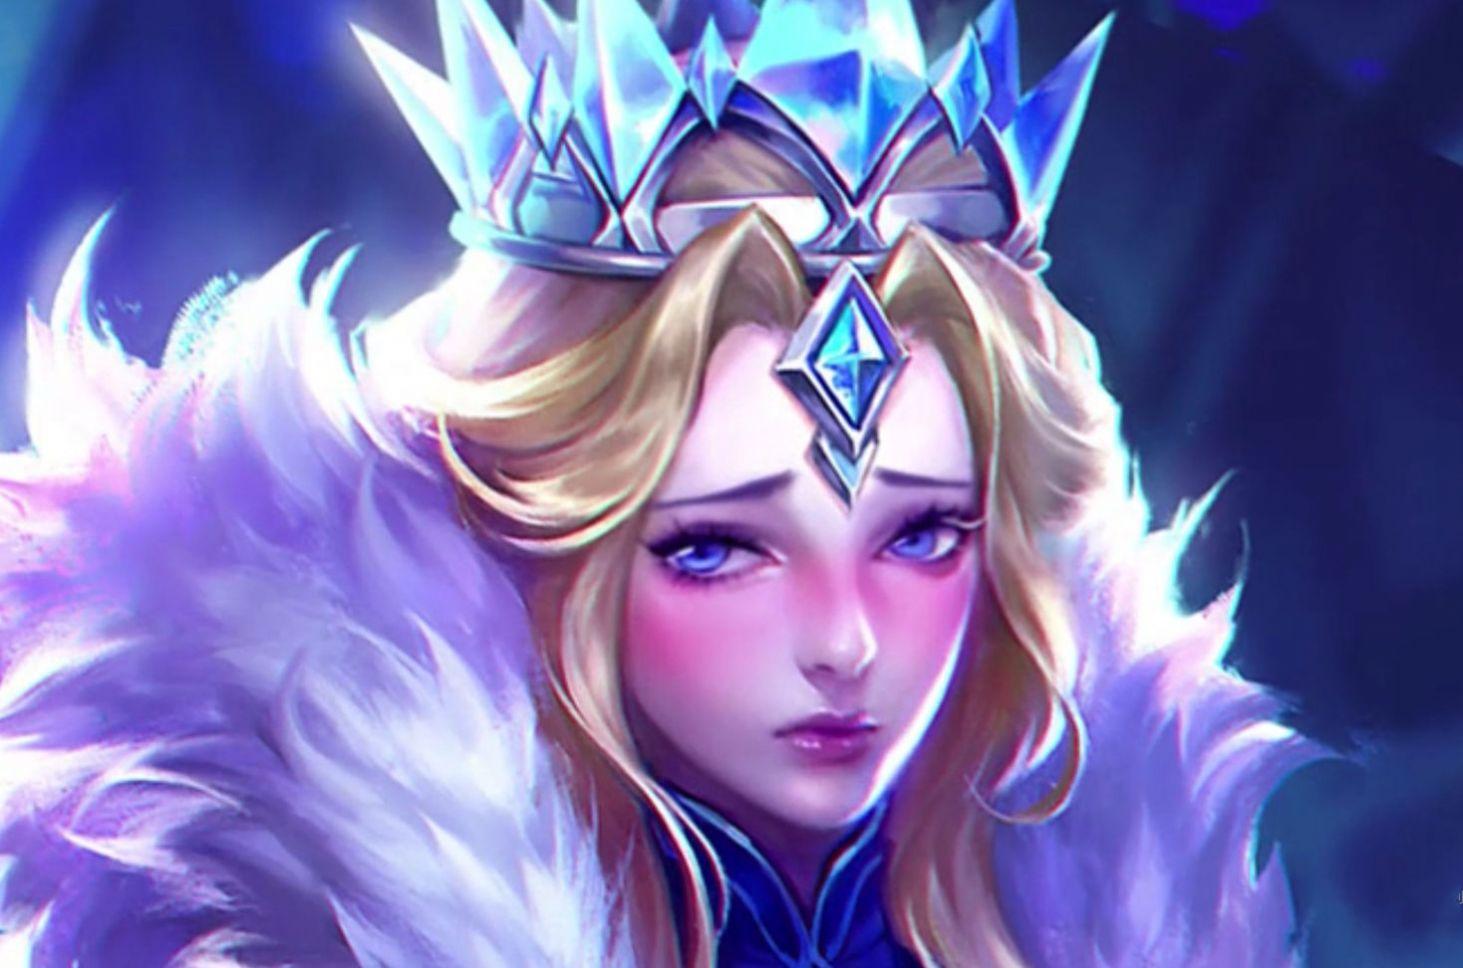 王者荣耀女英雄翻白眼流口水脸红表情头像截图2